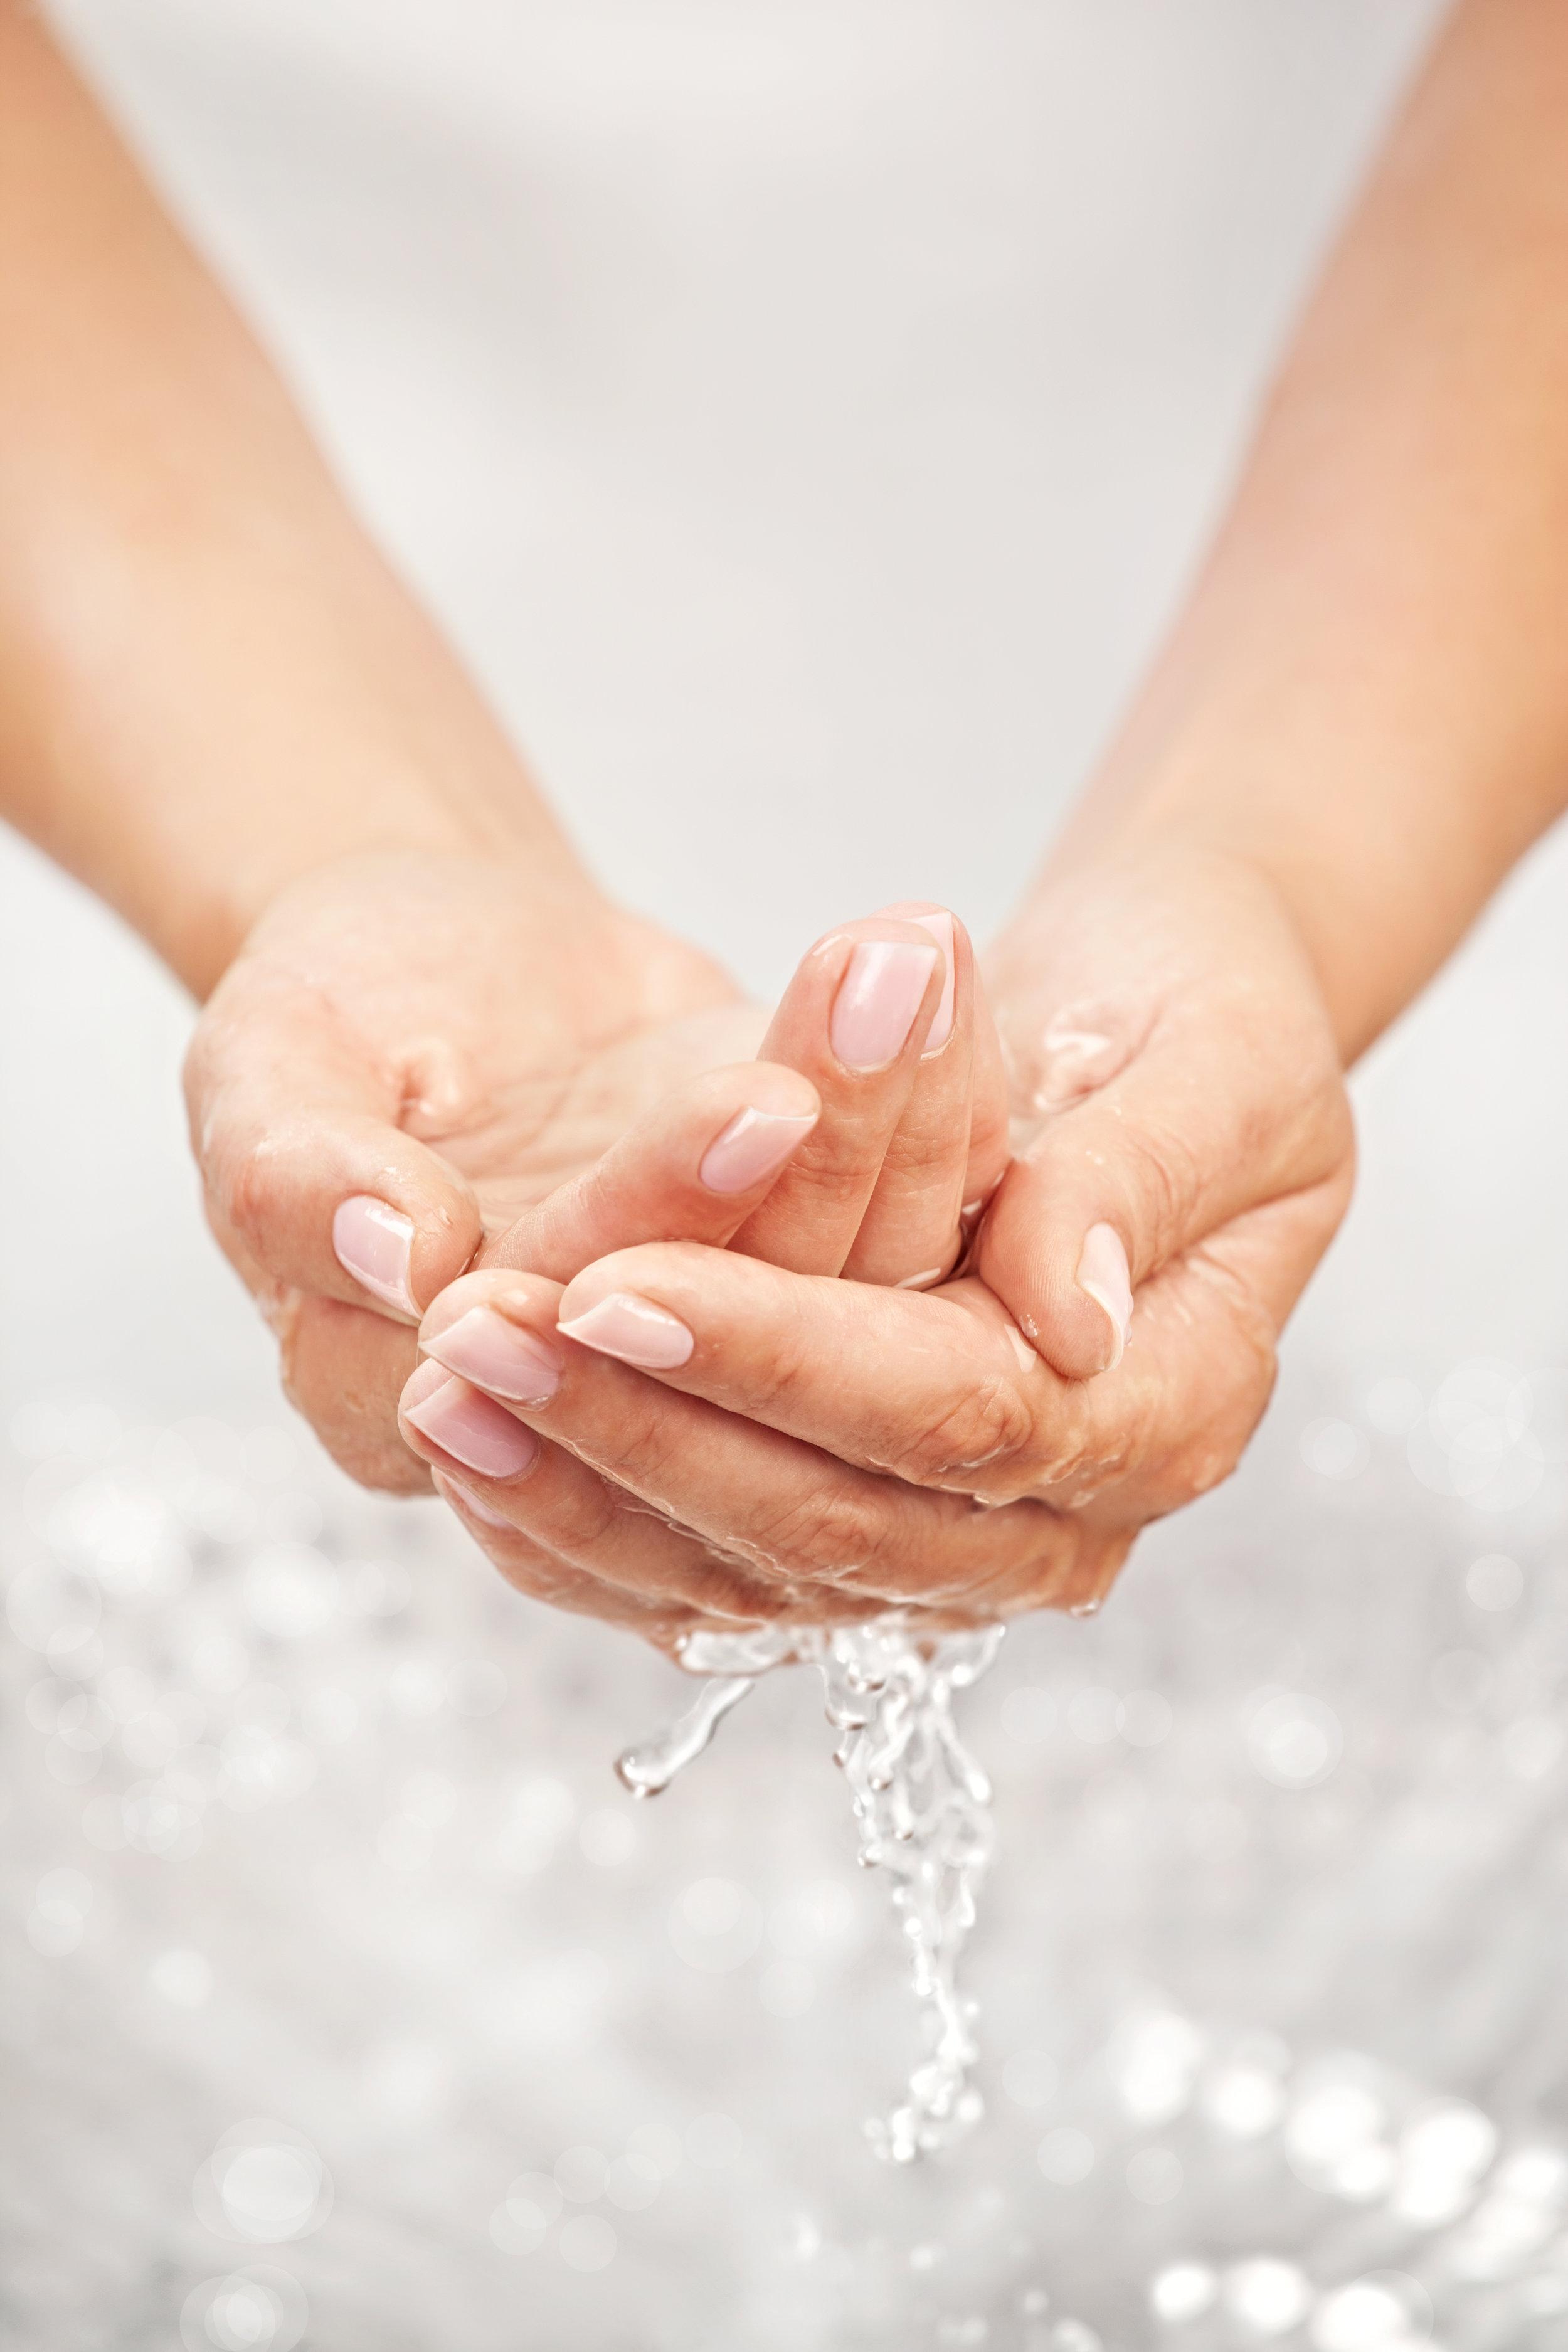 OCWA_Water Hands.jpg